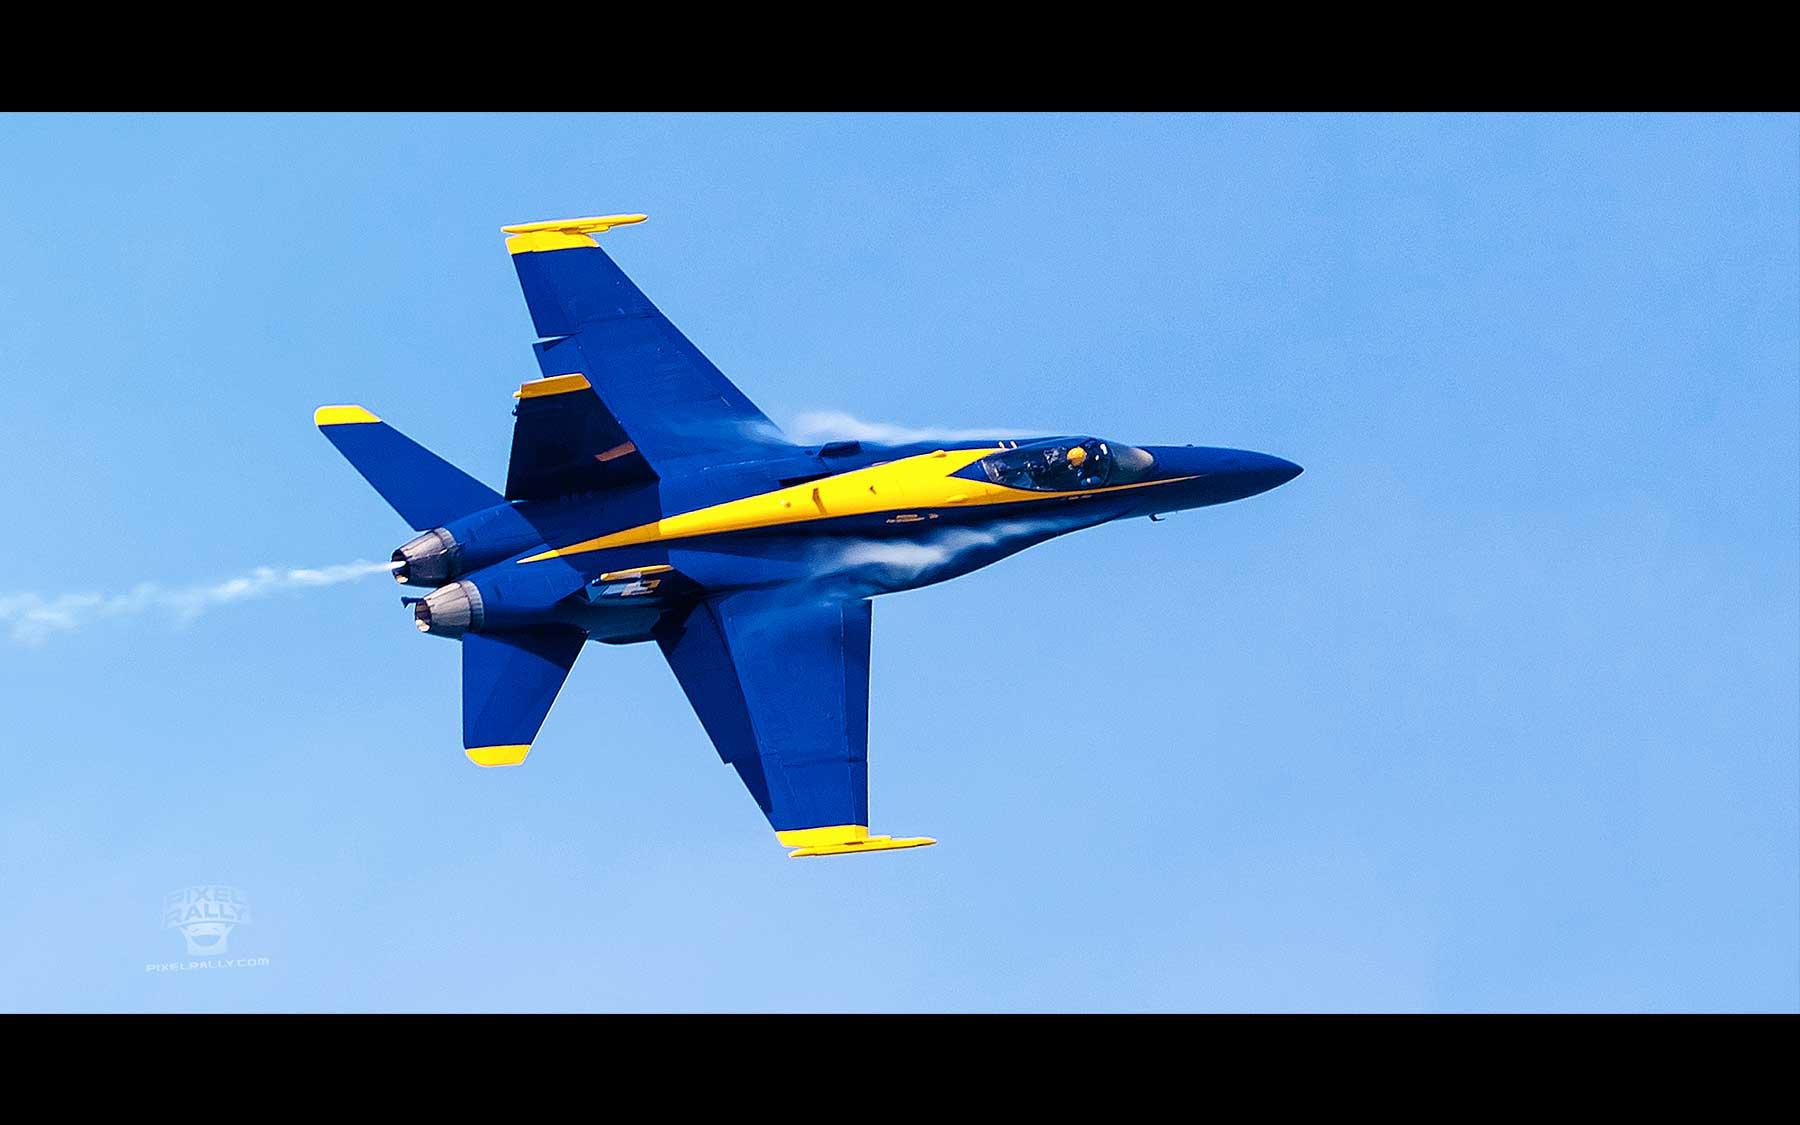 Blue-Angels-21-solo-vapor